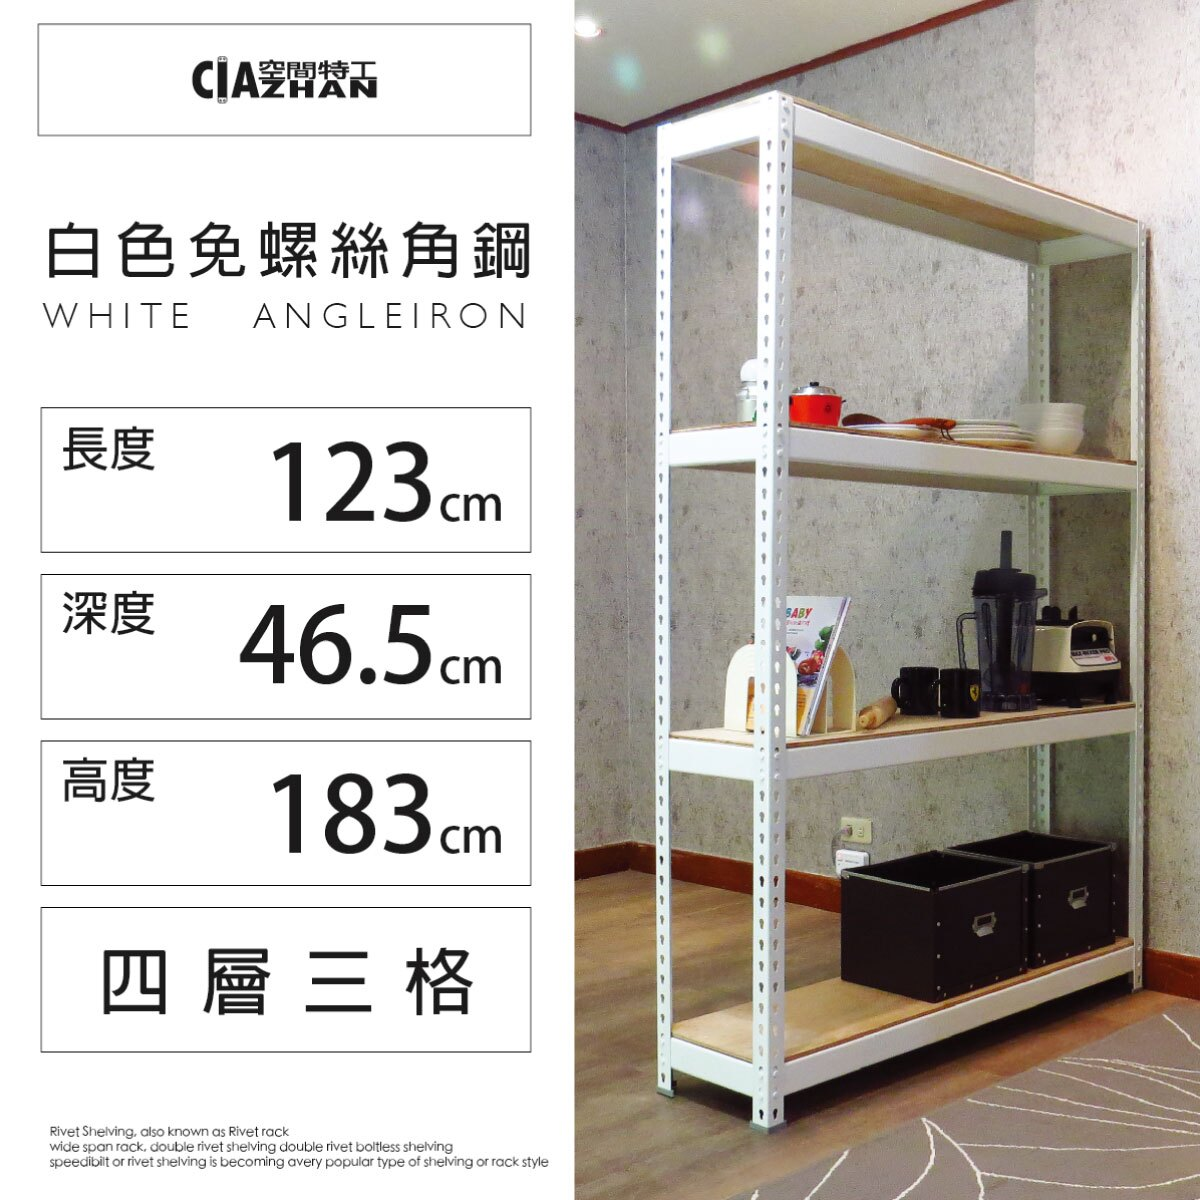 白色免螺絲角鋼架(4x1.5x6尺 4層) 【空間特工】收納架 置物架 書架 層架 鐵架